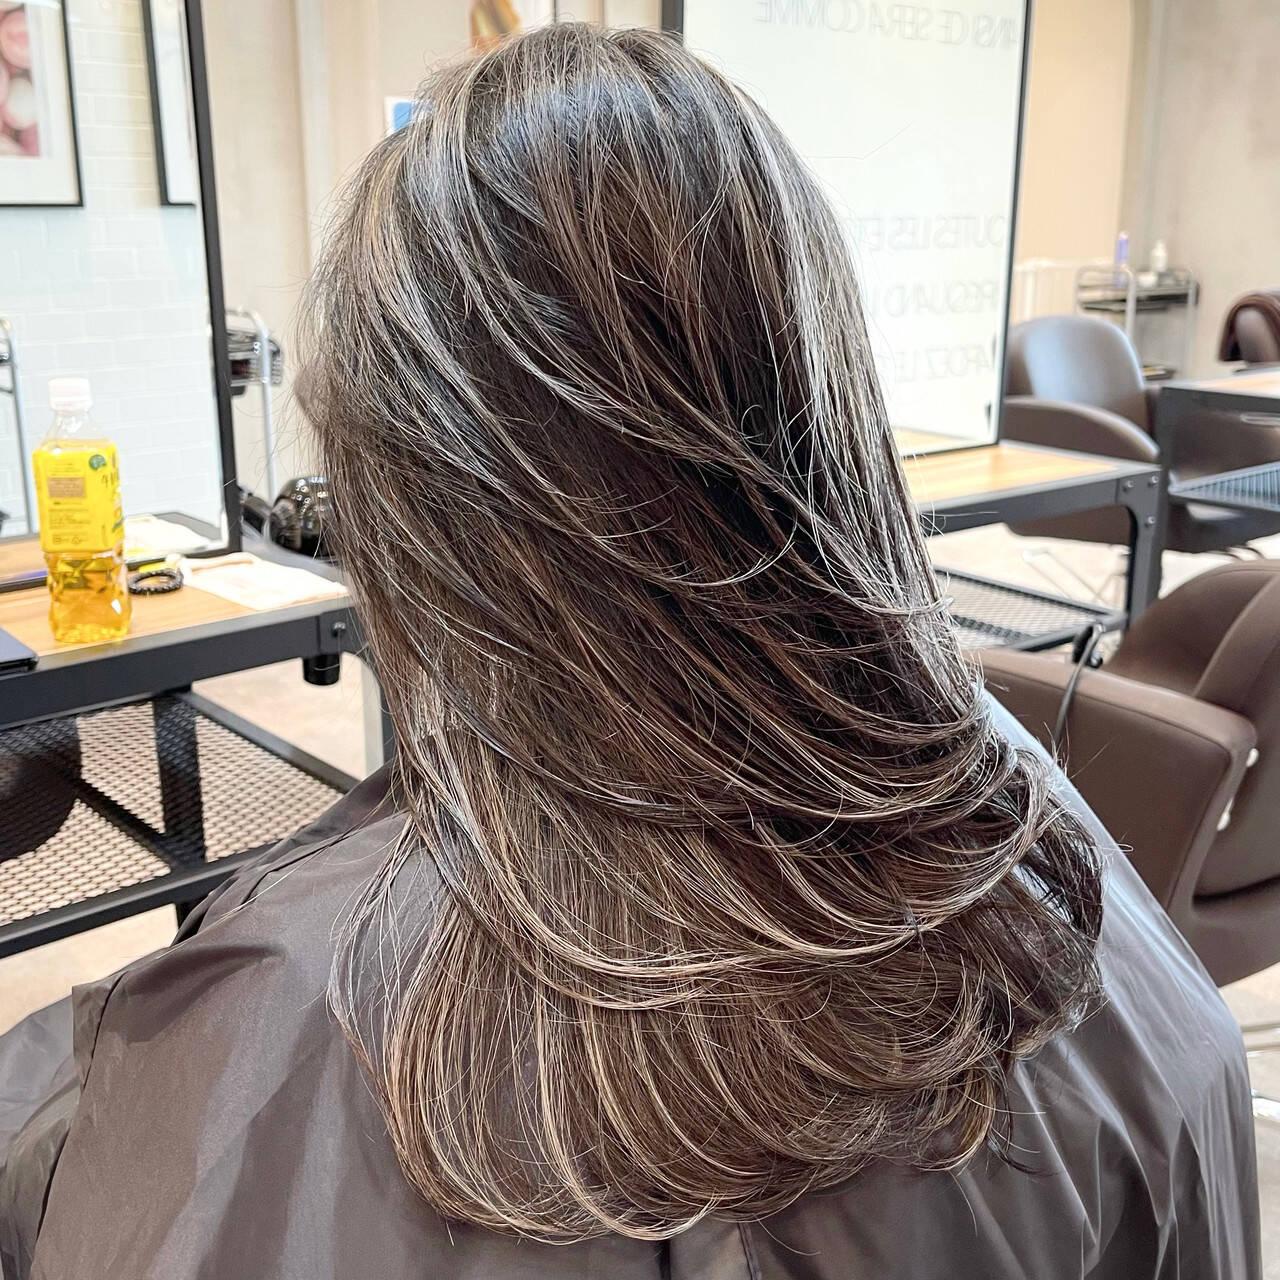 外国人風カラー 3Dハイライト コントラストハイライト グレージュヘアスタイルや髪型の写真・画像